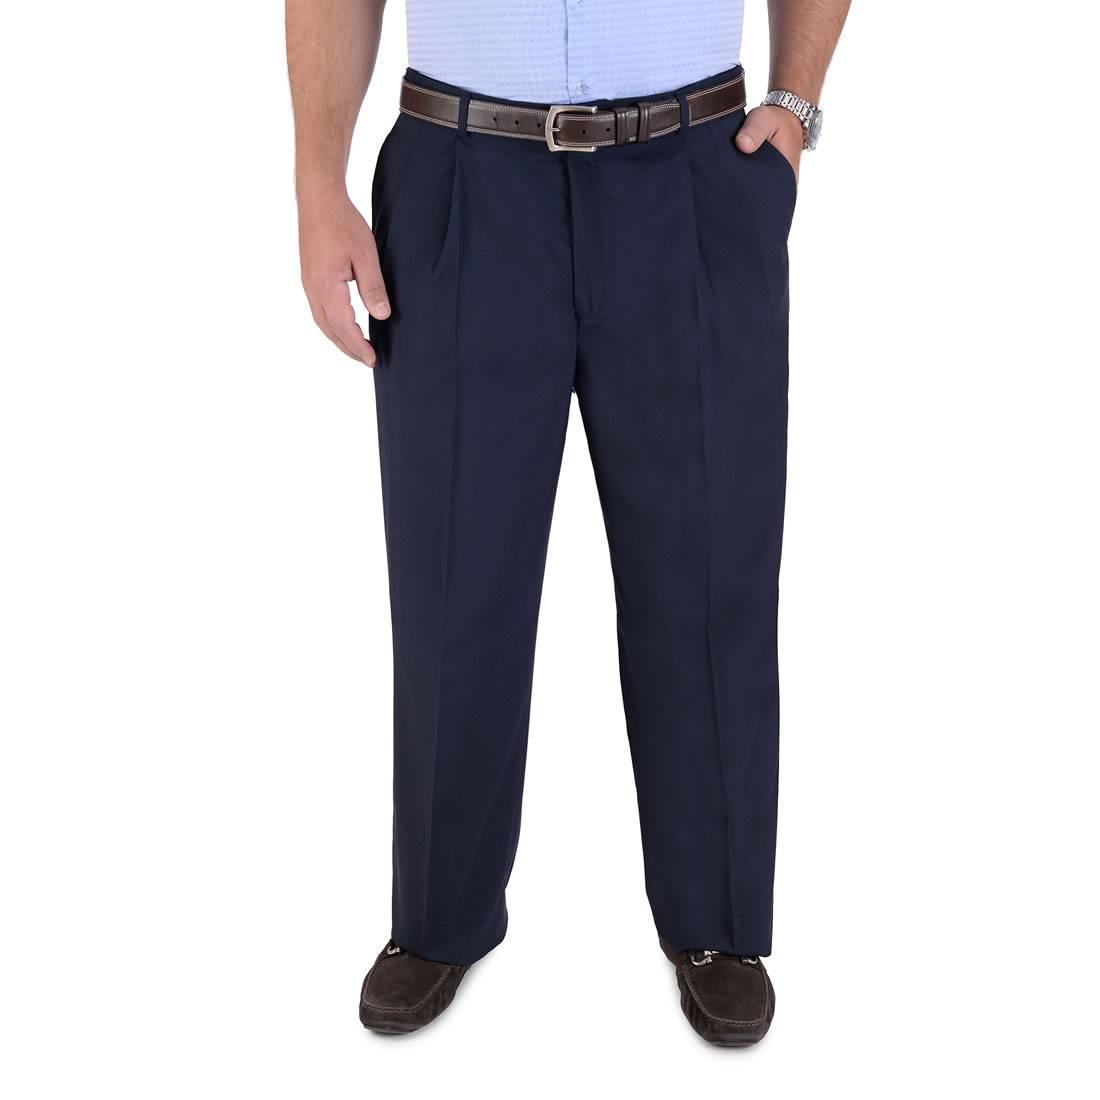 010086034919-01-Pantalon-de-Vestir-Poliester-Viscosa-Con-Pinzas-Cintura-Ajustable-Fit-Tradicional-Marino-yale